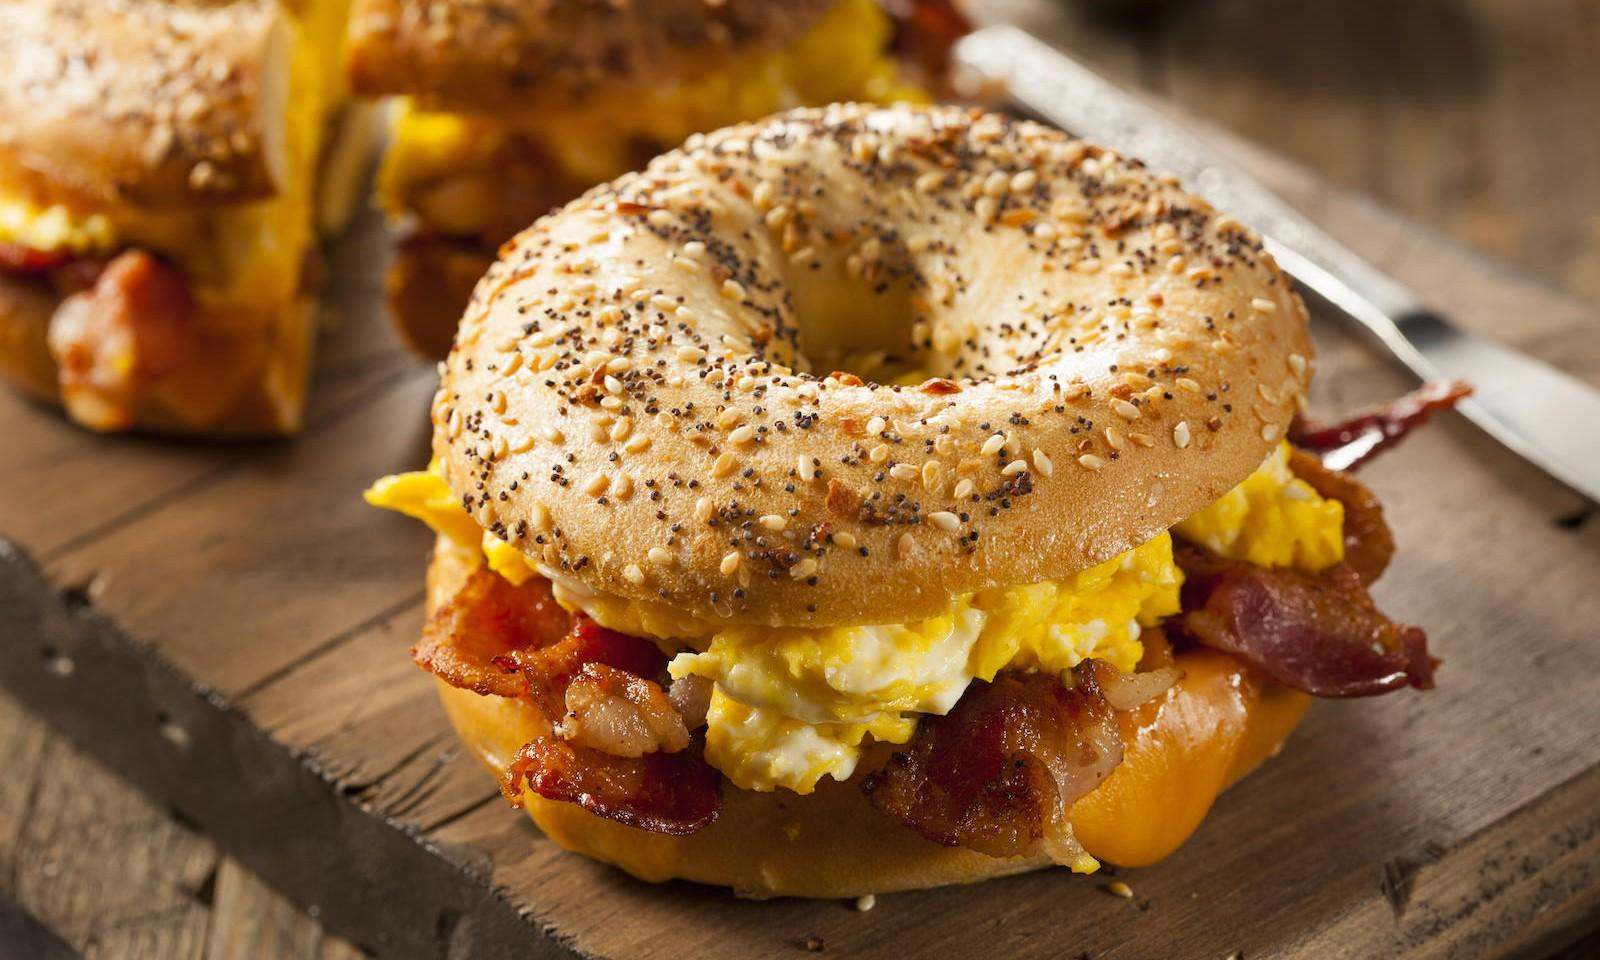 desayunos: los mejores bagels de nueva york